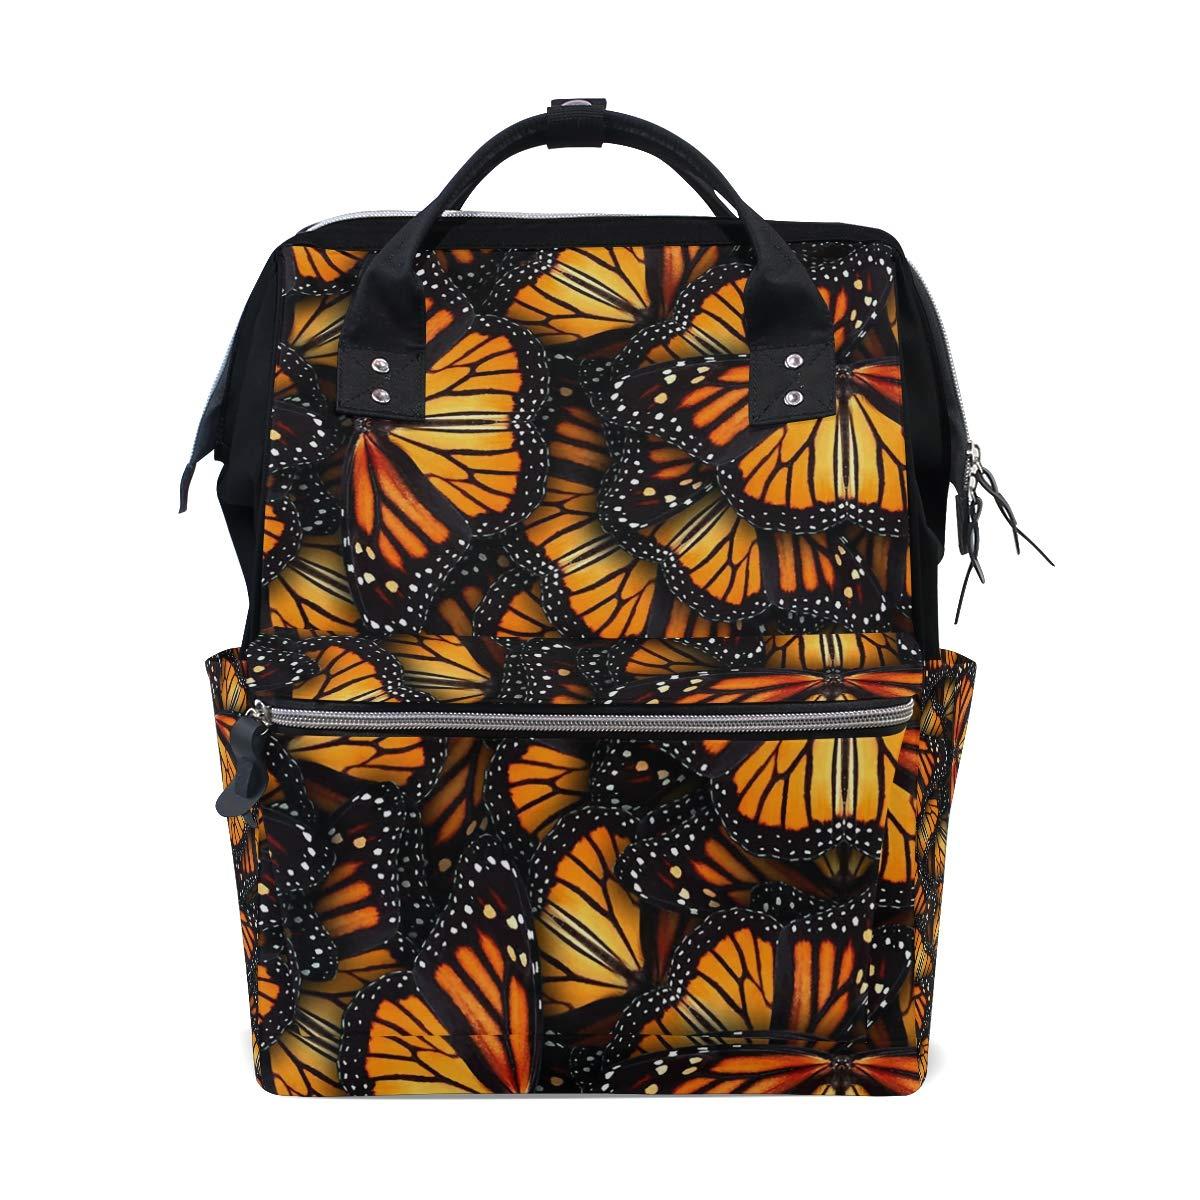 Heaps of Monarch Butterflies おむつバッグ バックパック 大容量 多機能 旅行バックパック お昼寝バッグ 旅行ママ ベビーケア用バックパック   B07MNLMS3X